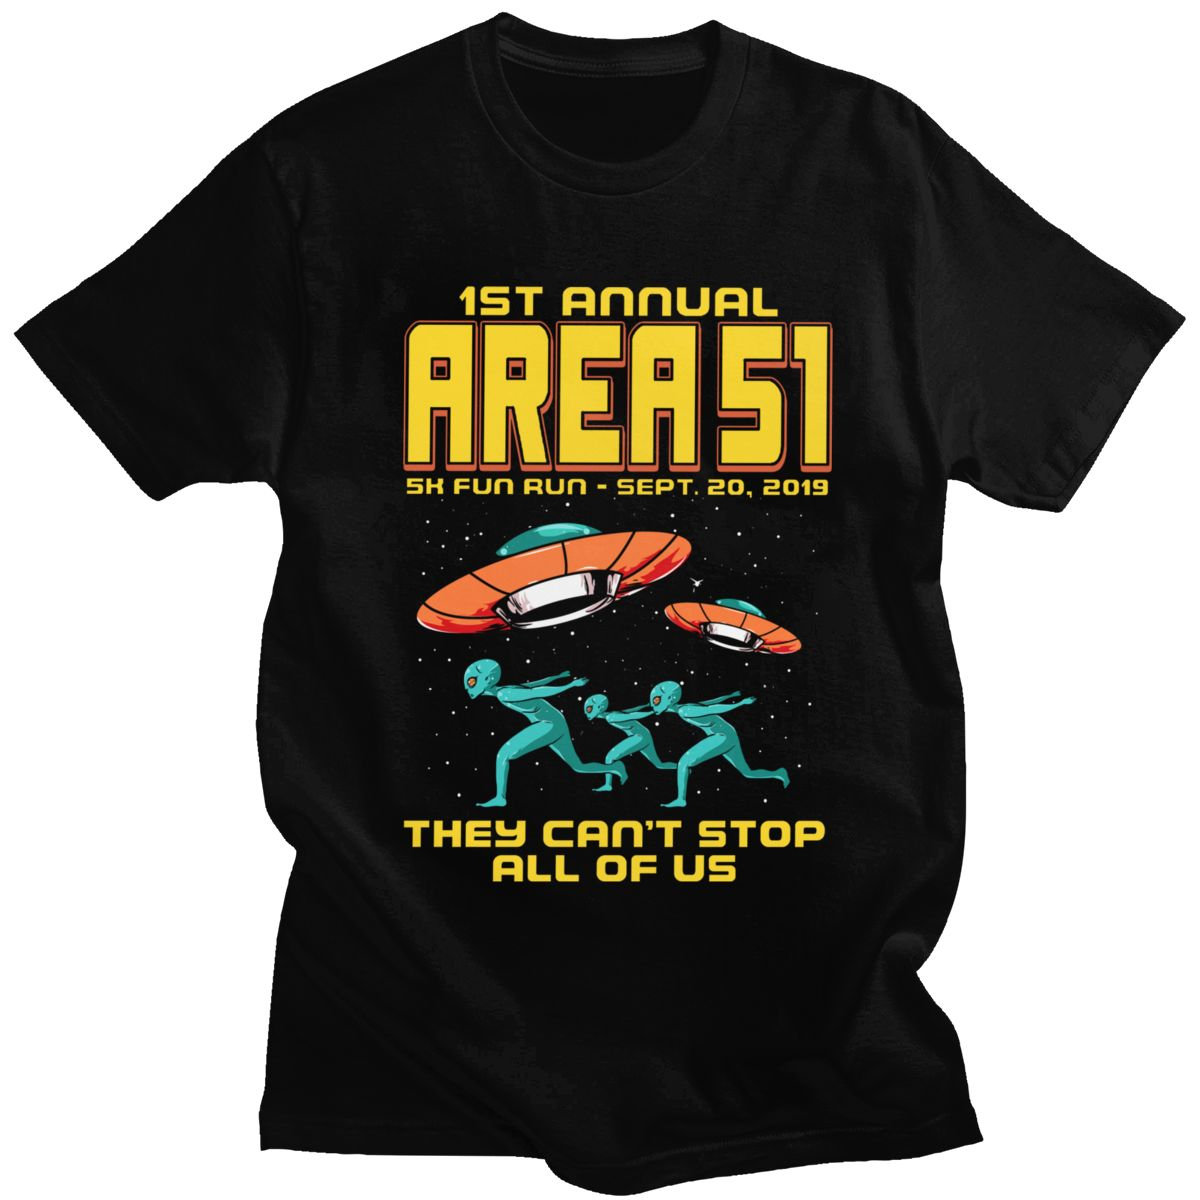 Homens 5k Corrida Divertida Eles não Pode Parar Toda a Área Dos Eua Camiseta Storm 51 Pires UFO Nave Espacial Alienígena Roupas Tees T-Shirt do Verão Do Vintage